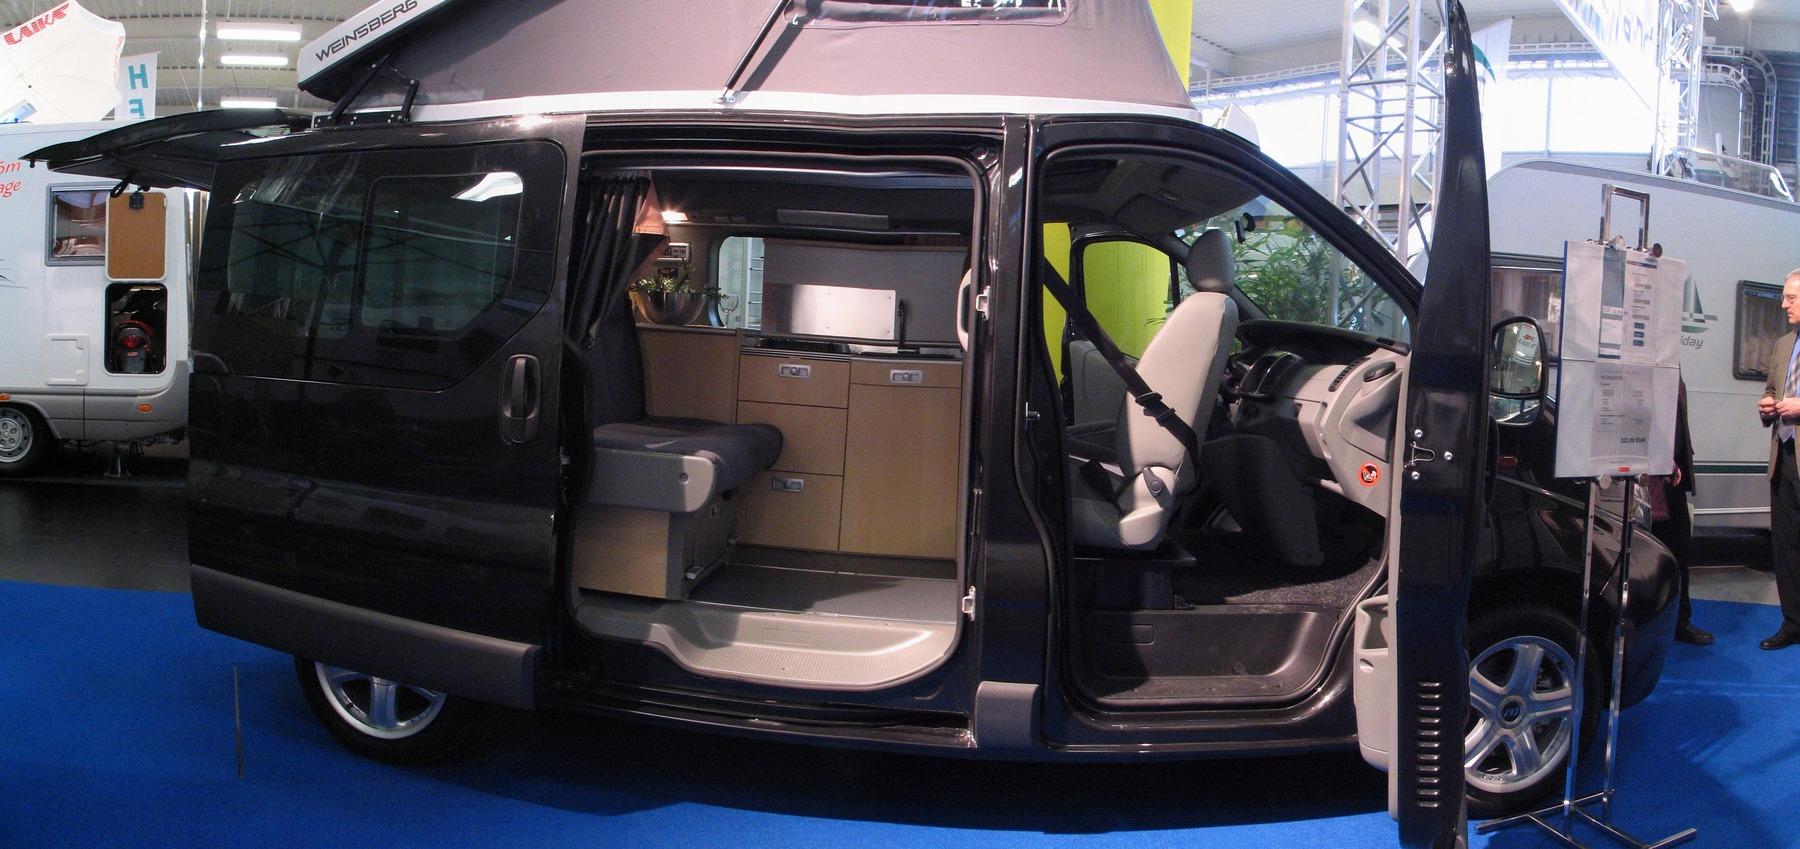 Renault trafic cingbusse von weinsbergmehr für weniger geld kann